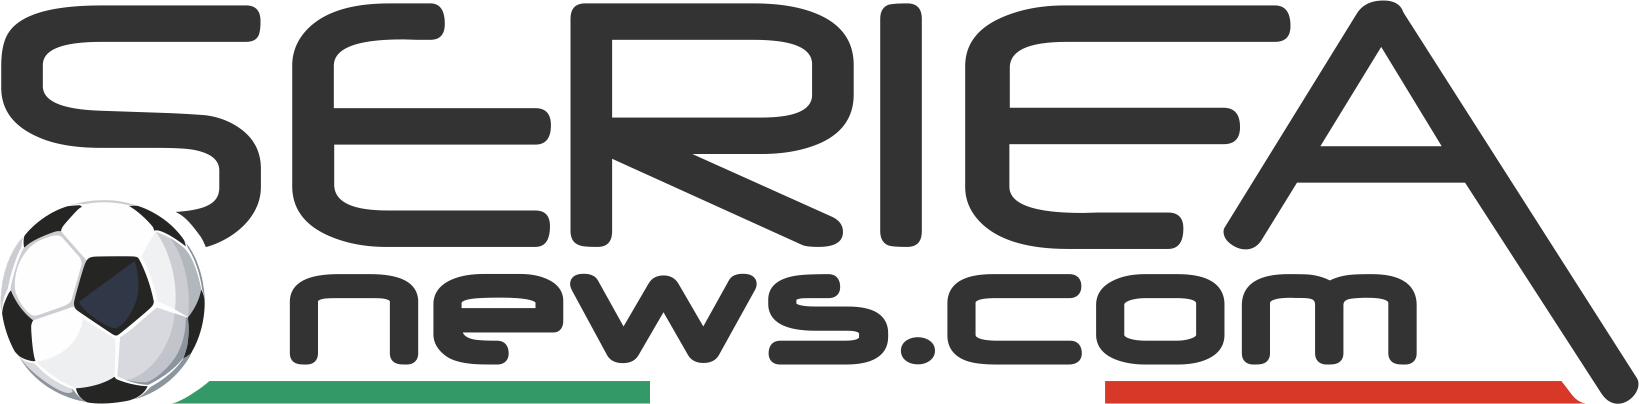 Serie A News Calcio – Notizie in Tempo Reale sulla Serie A, Calciomercato, Formazioni, Risultati, Classifiche ed altro…